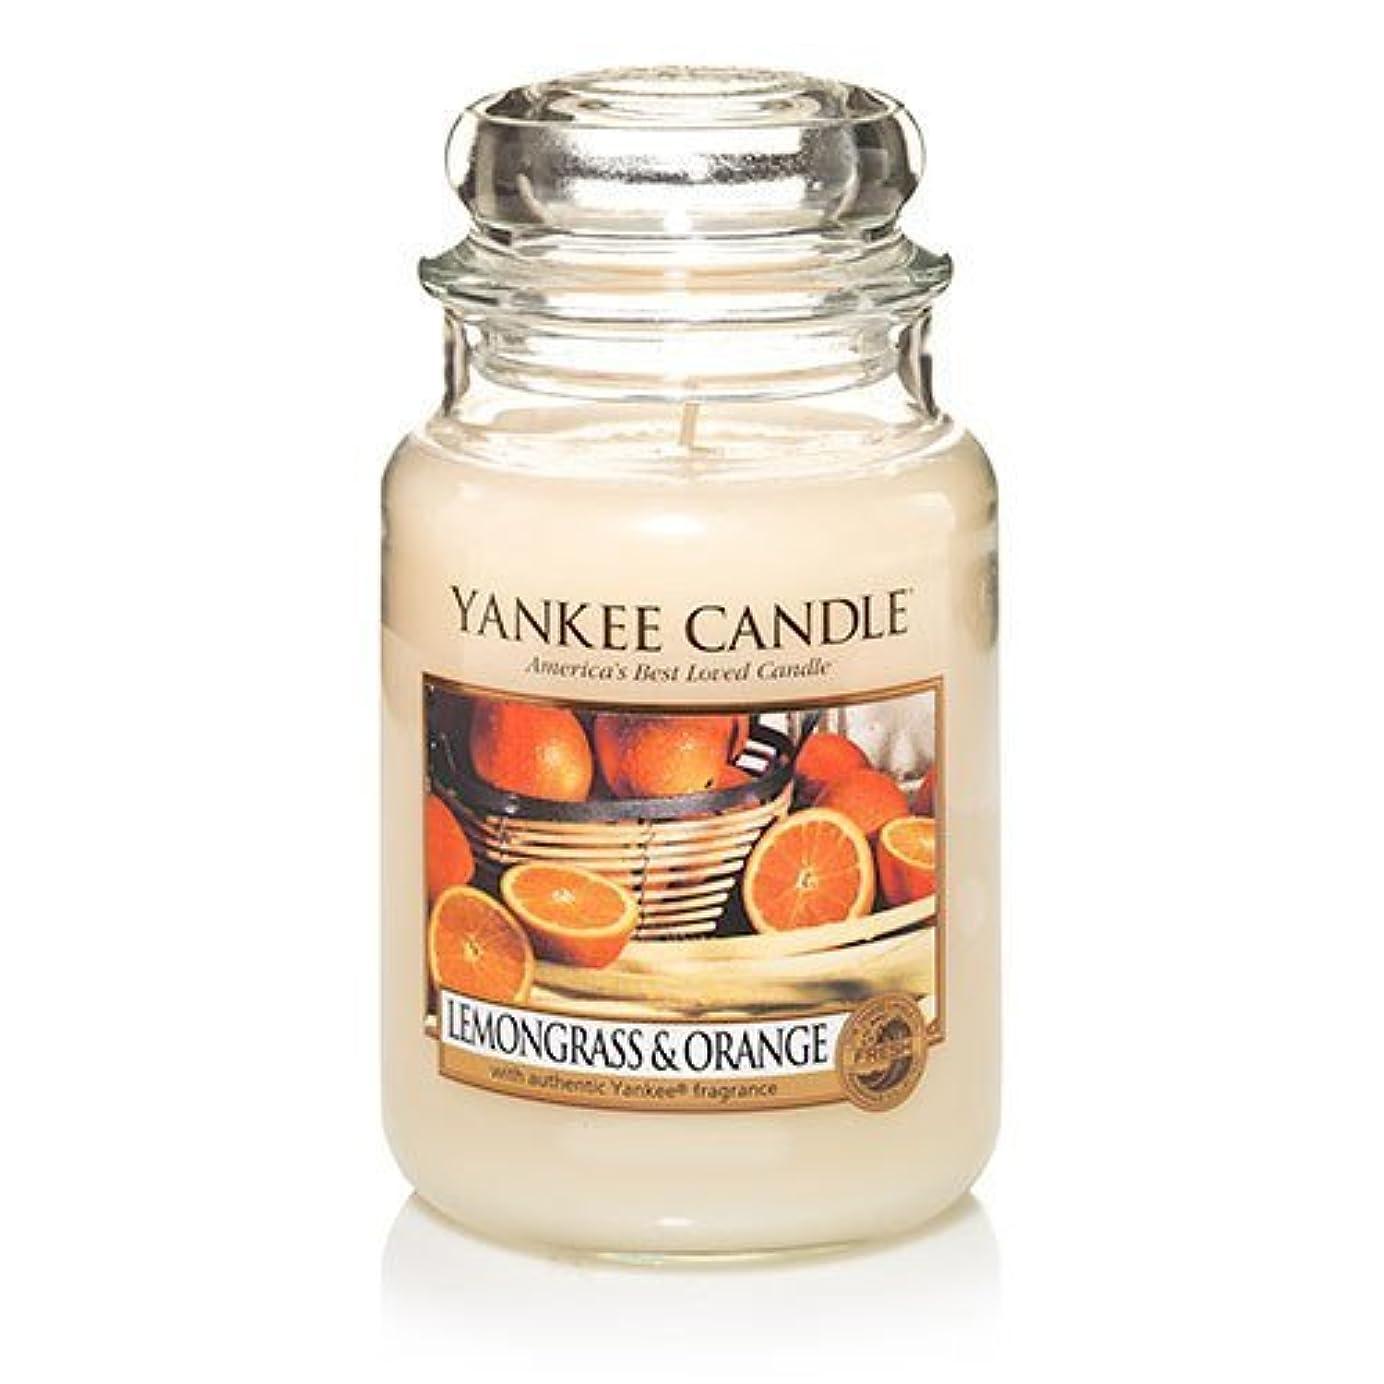 取り消す冷蔵する針Yankee Candle Lemongrass & Orange - 22oz Large Housewarmer Jar by Yankee Candle [並行輸入品]